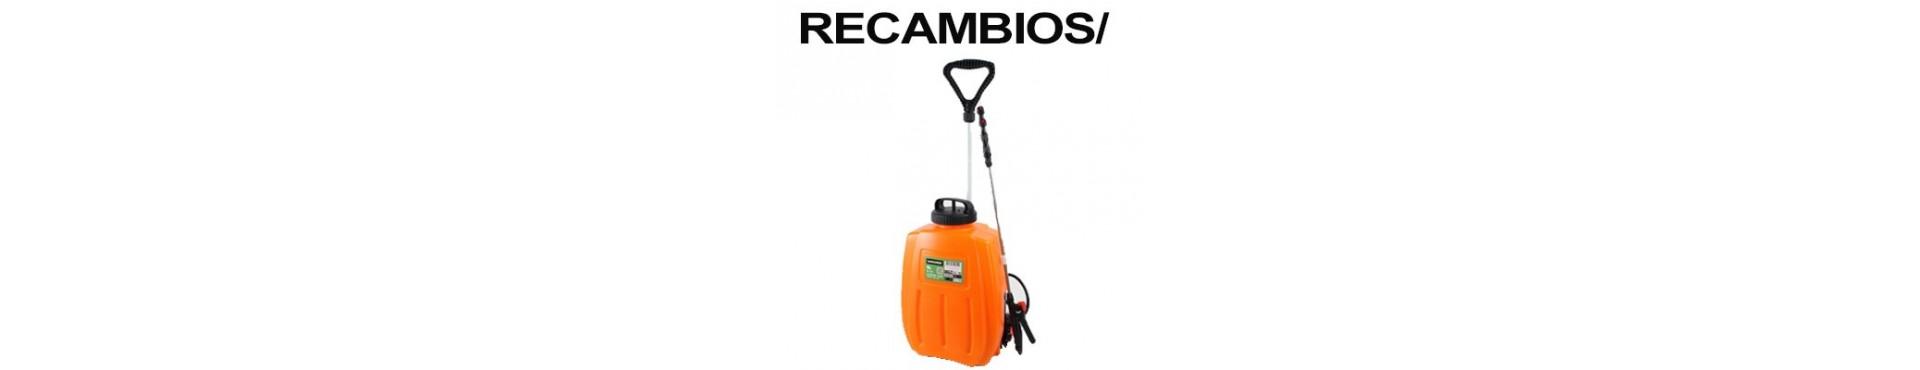 RECAMBIOS PULVERIZADOR MADER BATERÍA (49051)